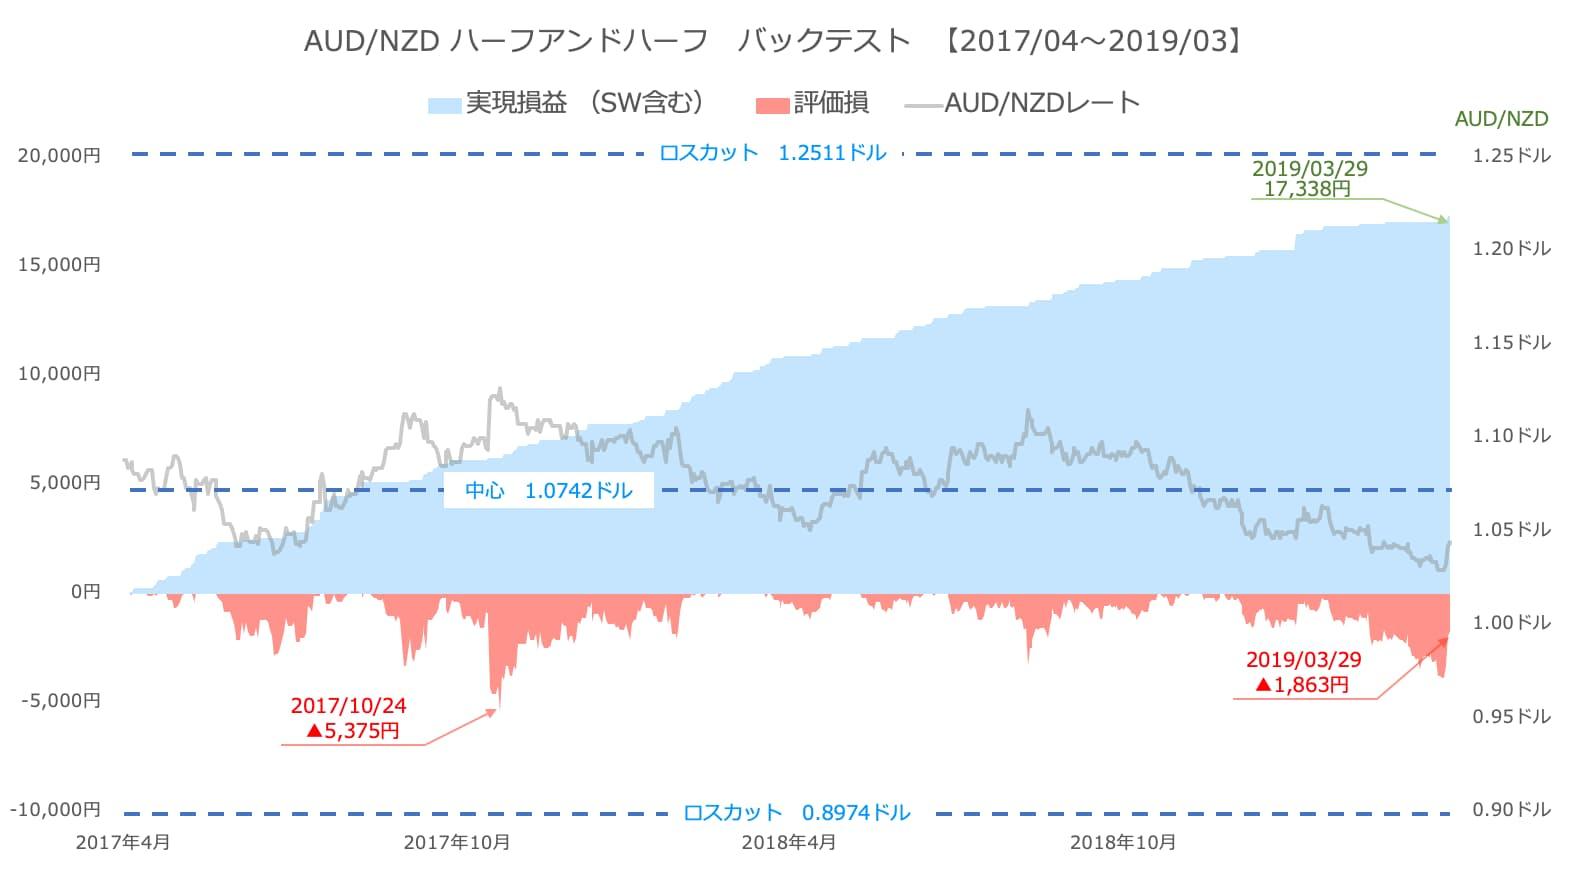 豪ドル/NZドルのバックテスト